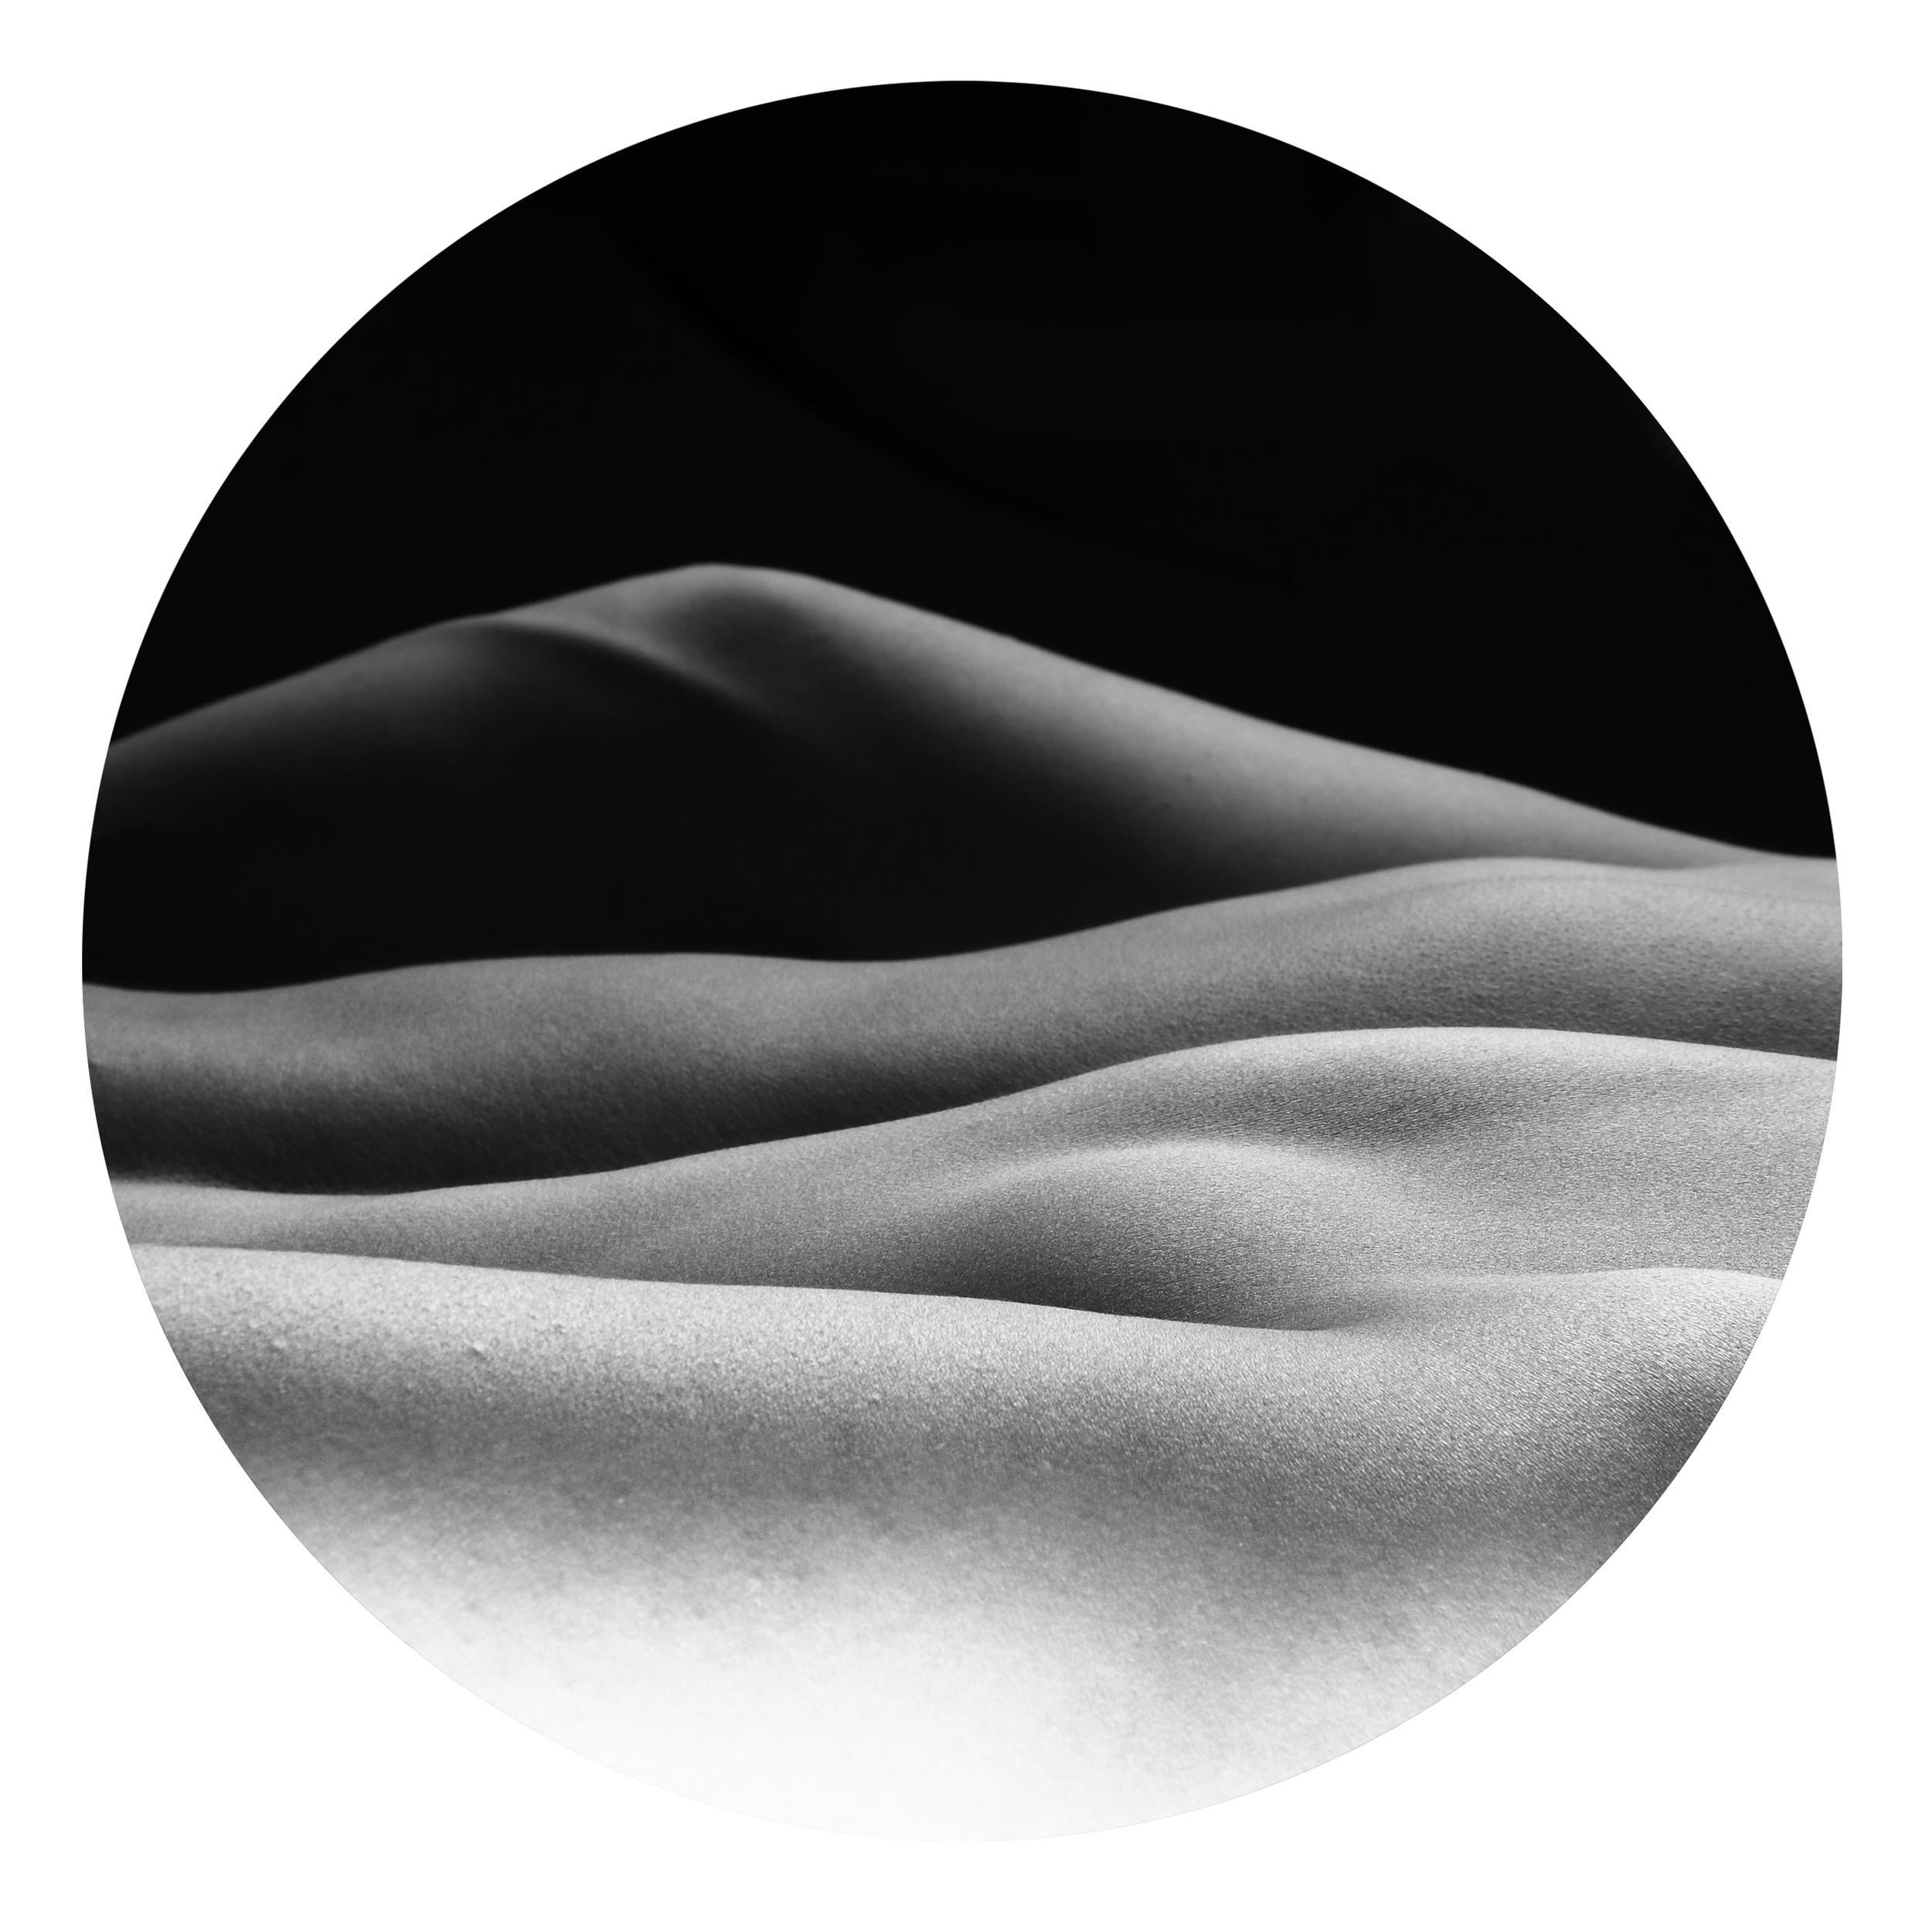 Shadows of Ink-Yongxi Wang 02.jpg